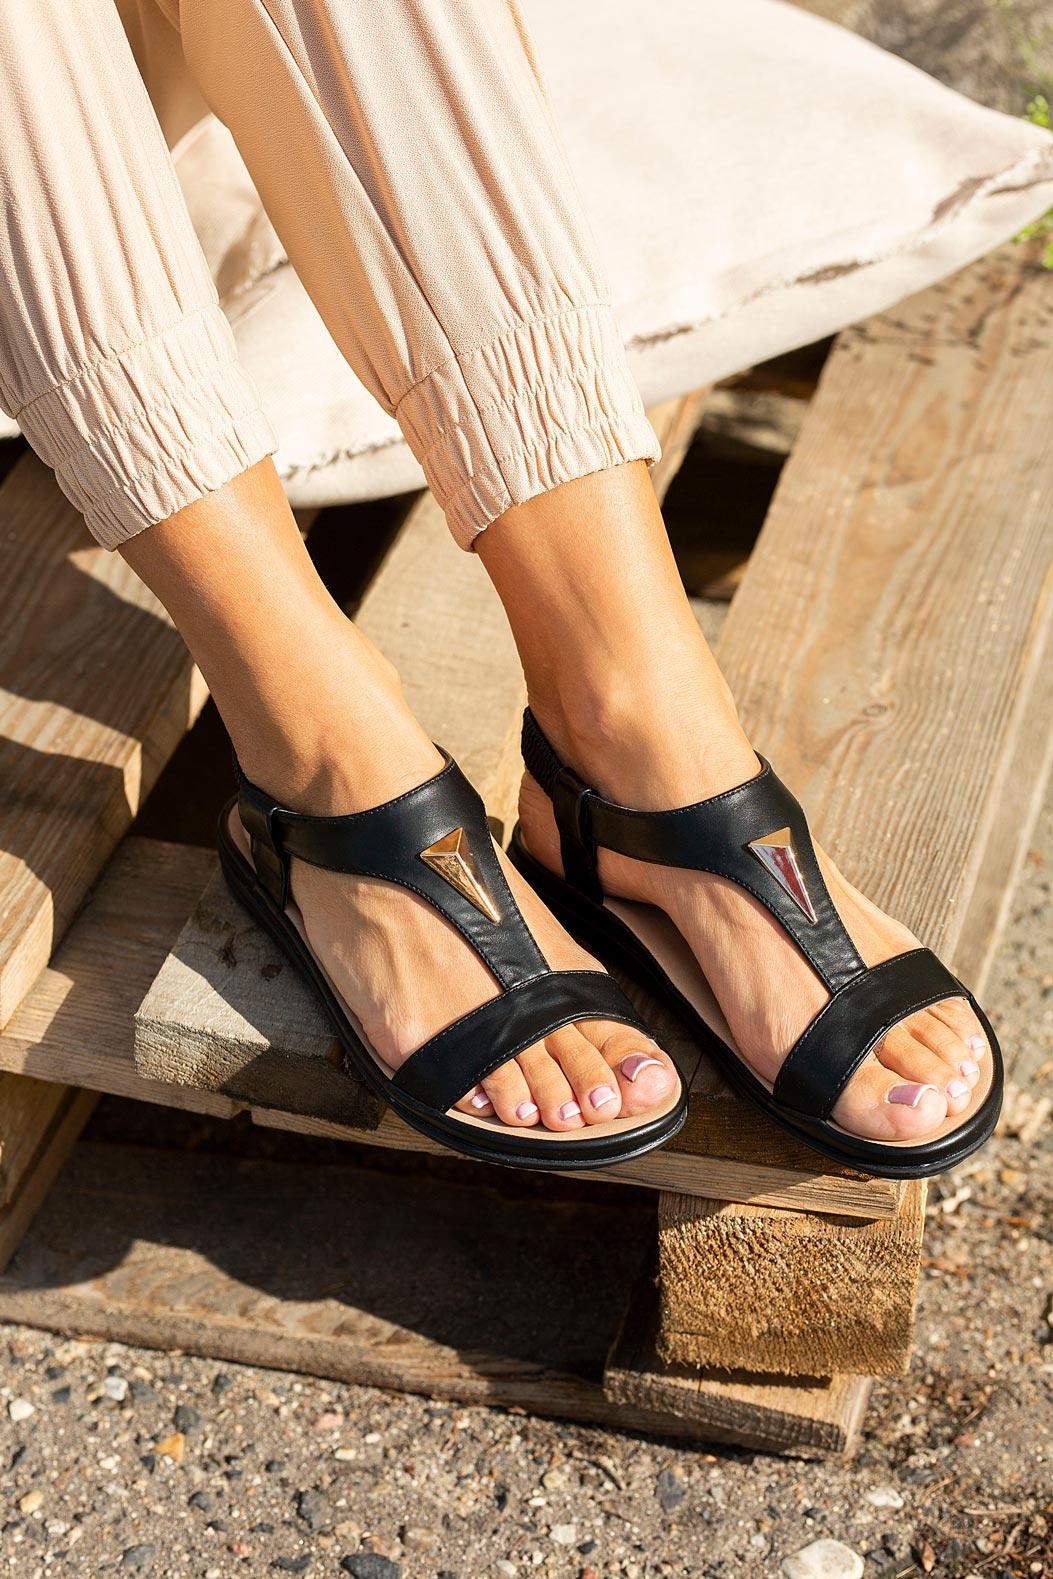 Czarne sandały płaskie z gumką i metalową ozdobą Casu N19X6/B sezon Lato